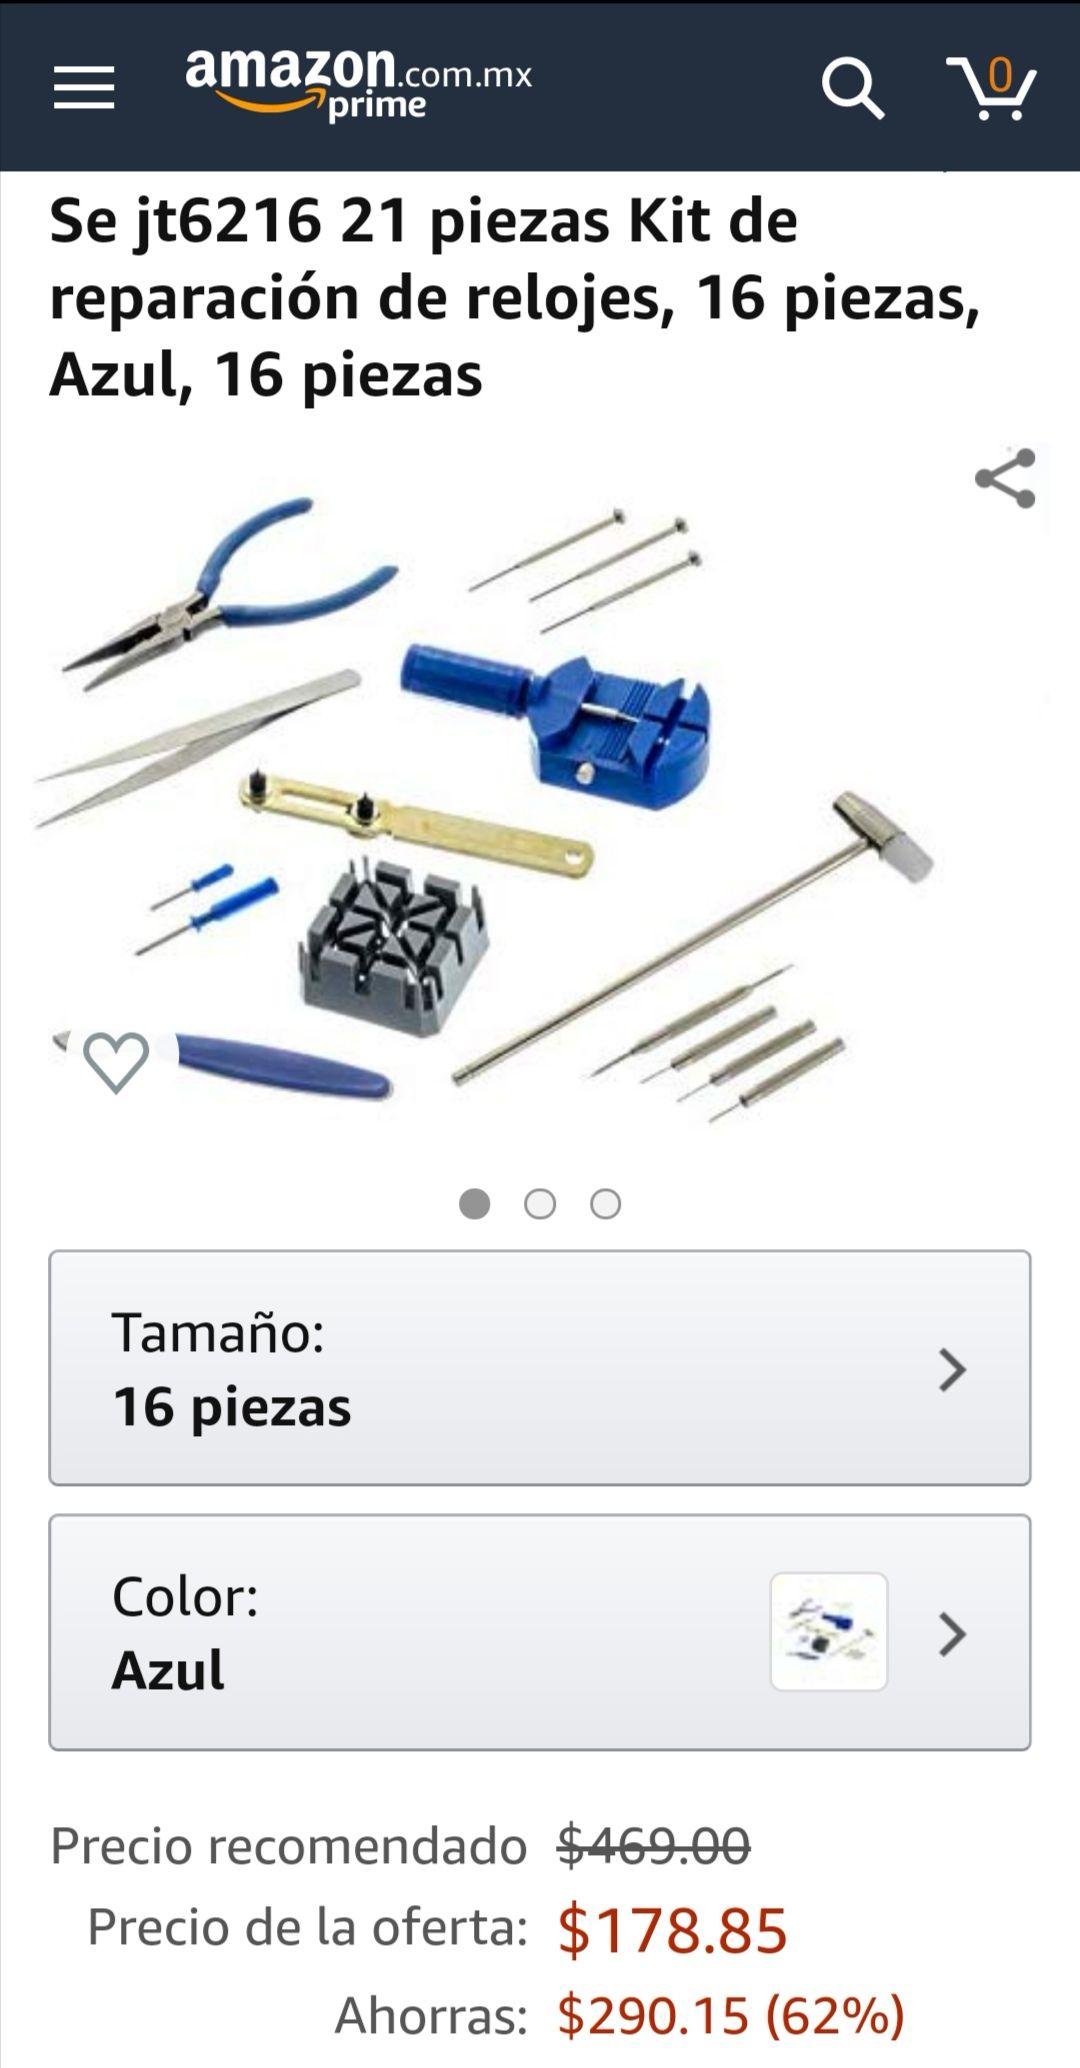 Amazon: Kit de reparación de relojes, 16 piezas